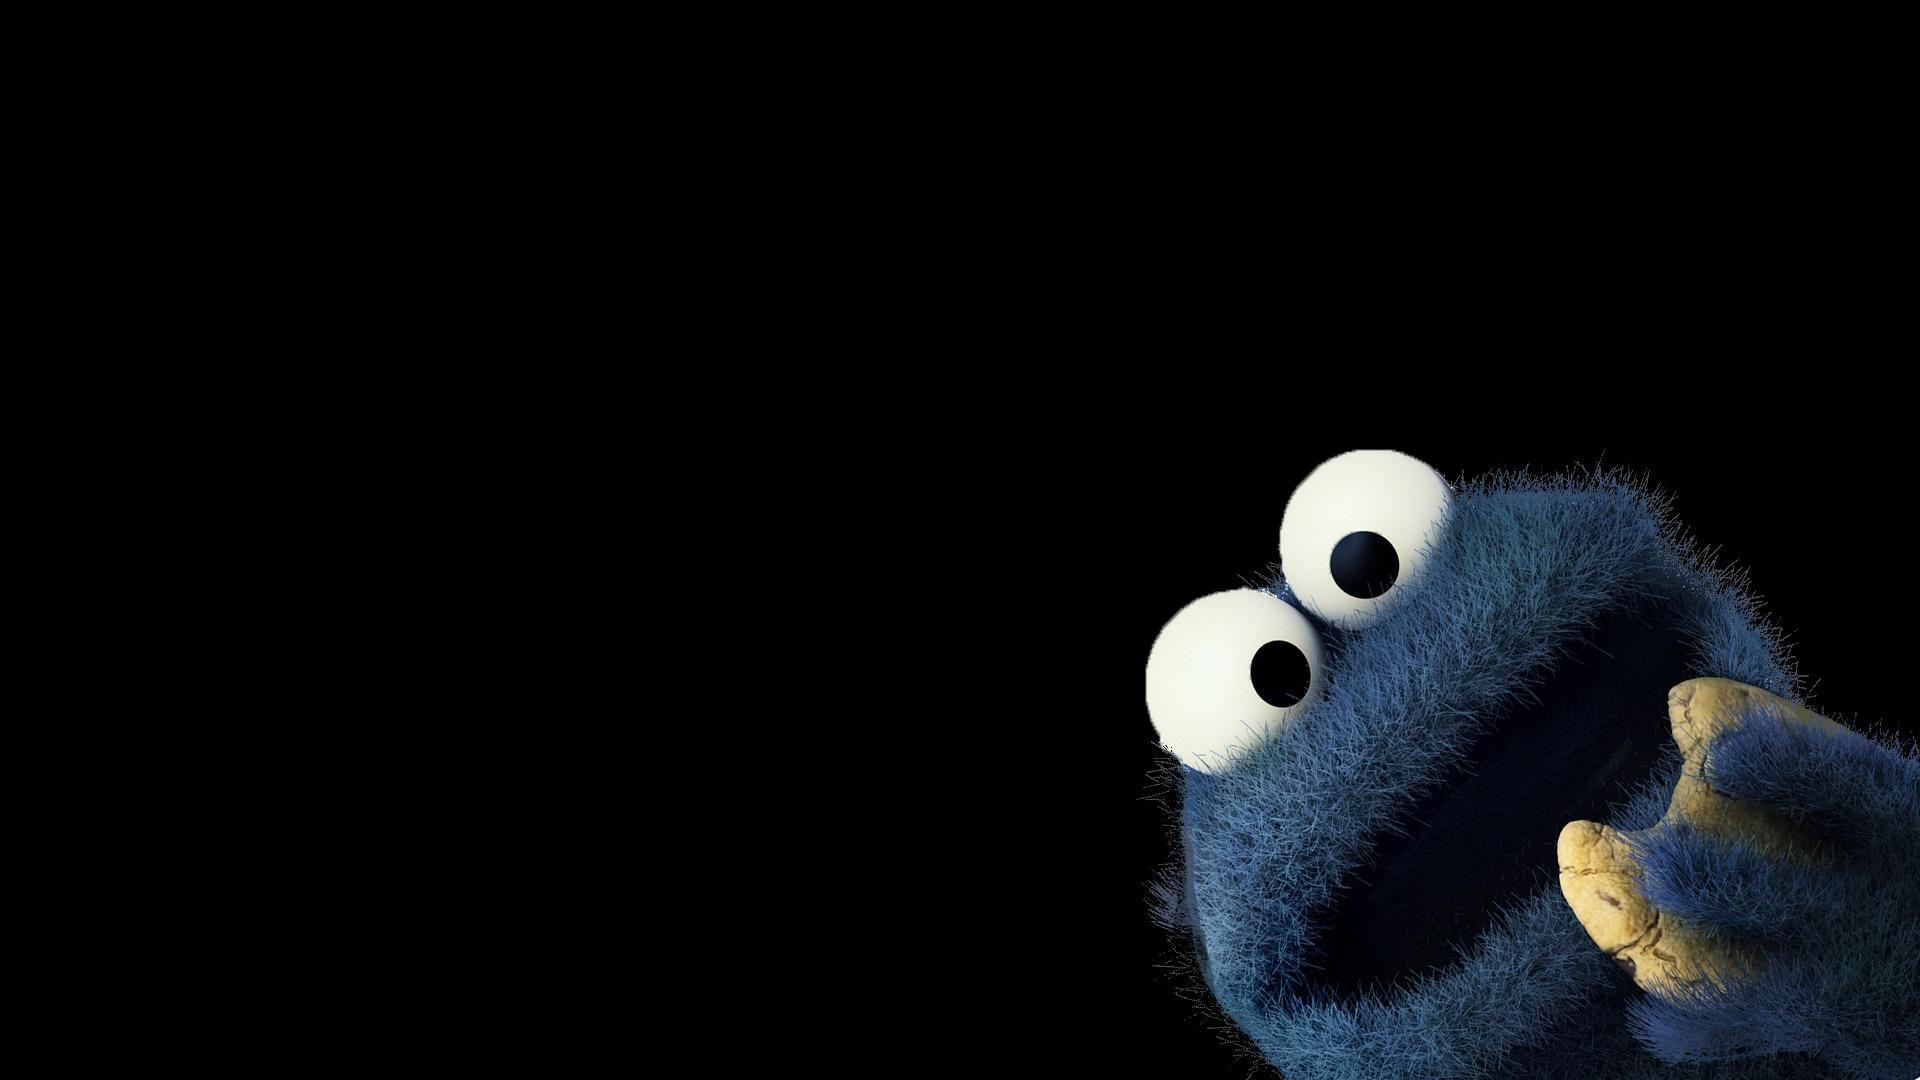 Cookie Monster Wallpaper HD - WallpaperSafari Wallpaper Hd